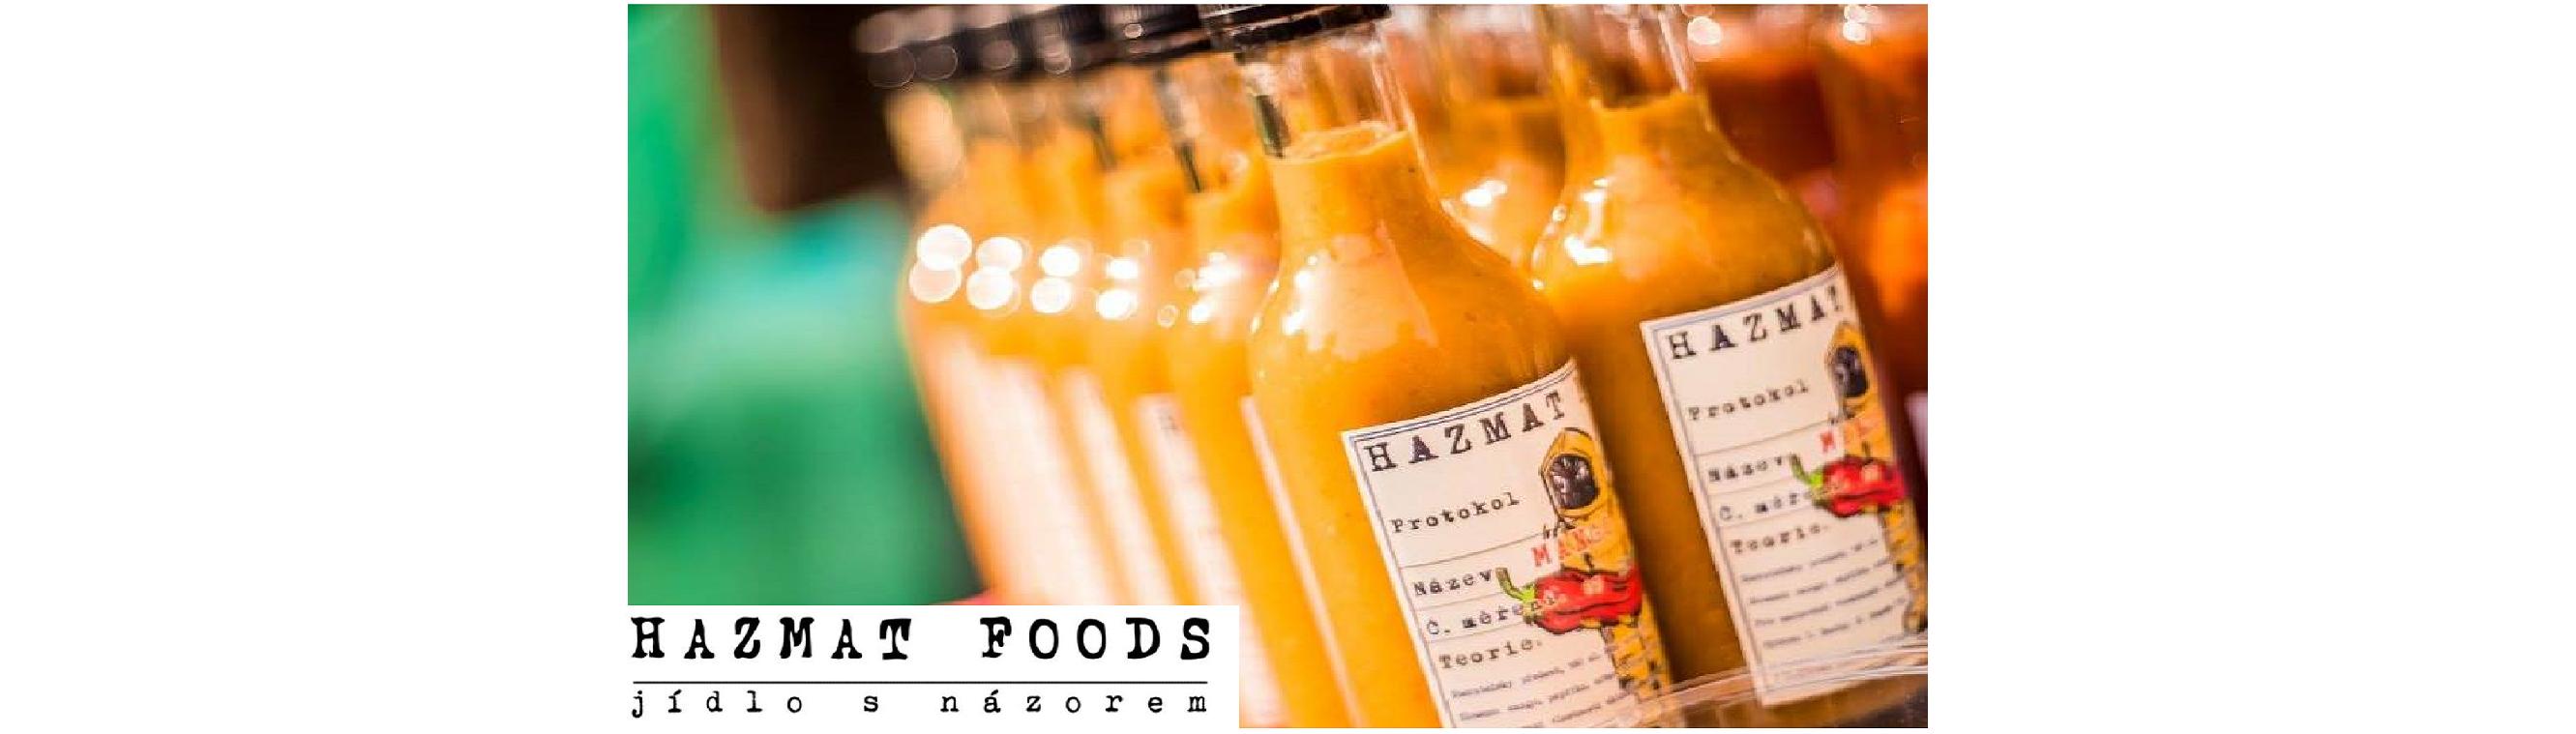 HazMat Foods